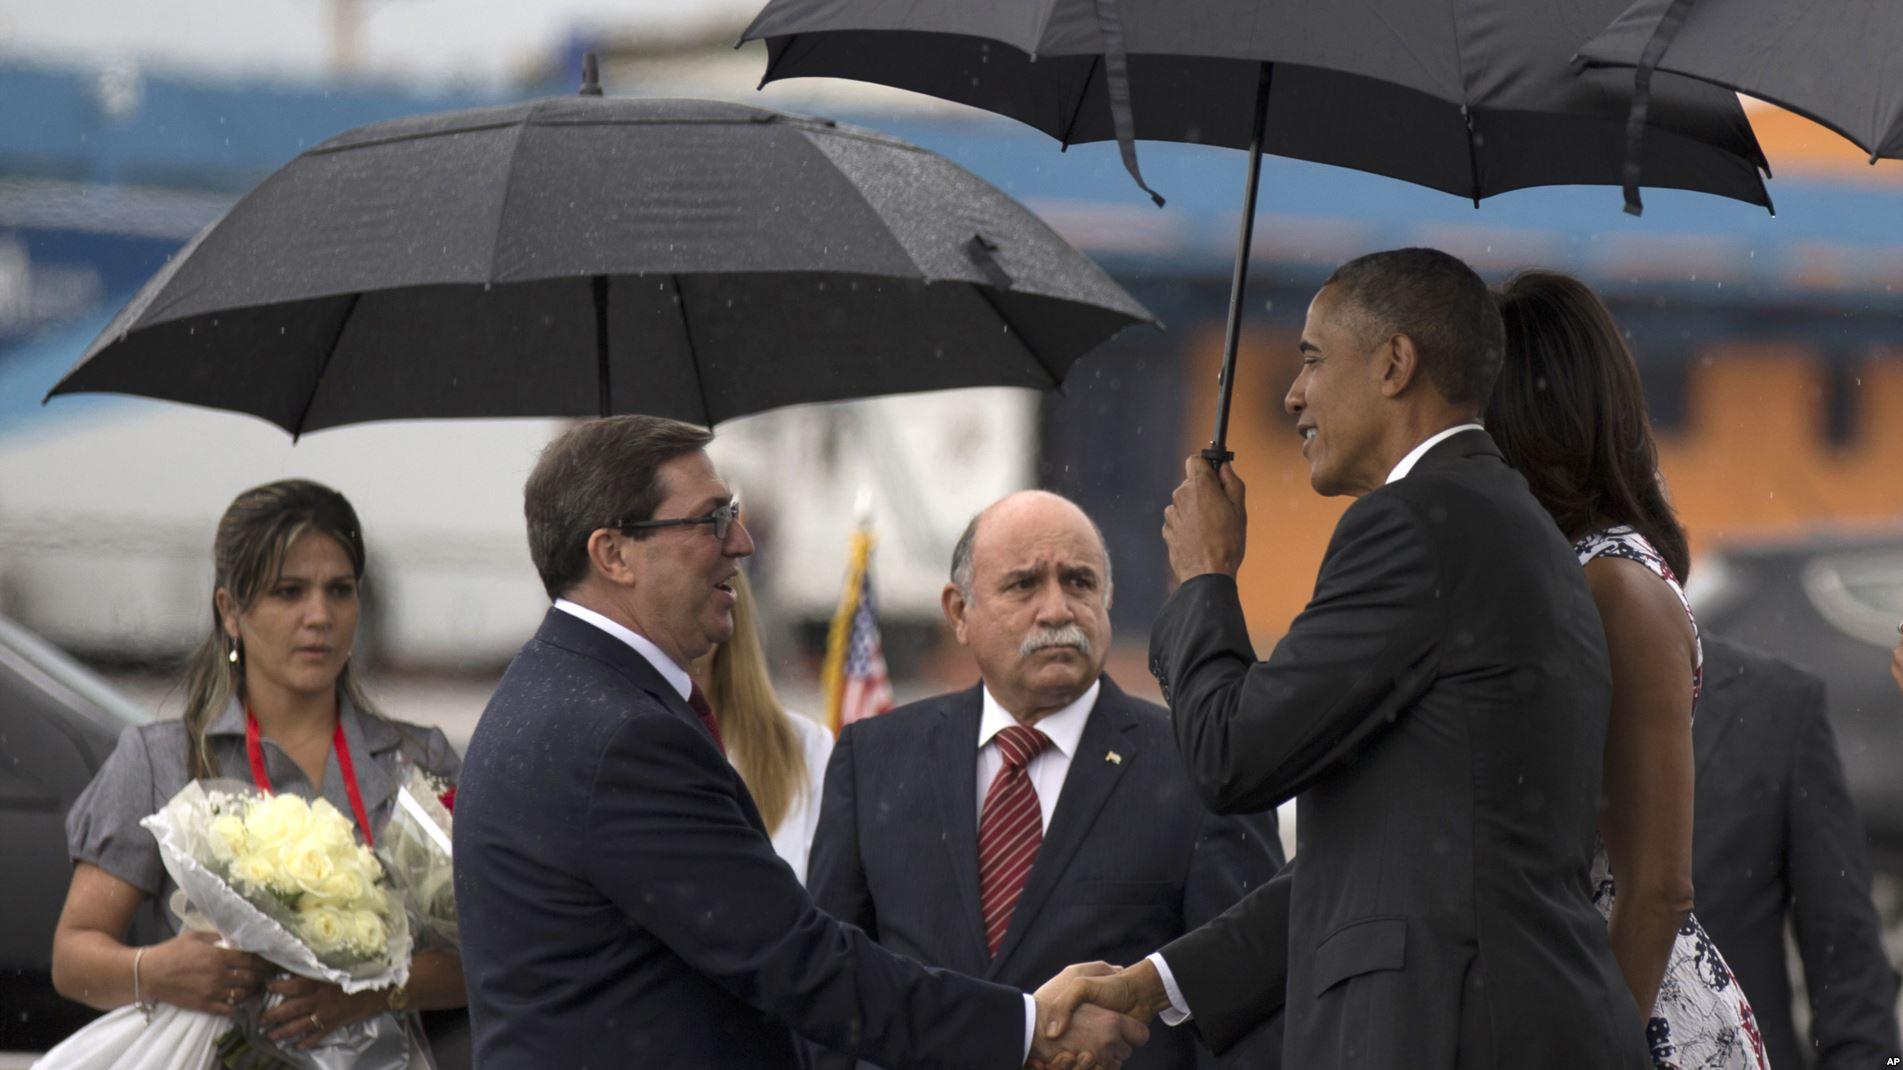 El canciller cubano Bruno Rodríguez saluda al presidente Barack Obama a su llegada a Cuba.